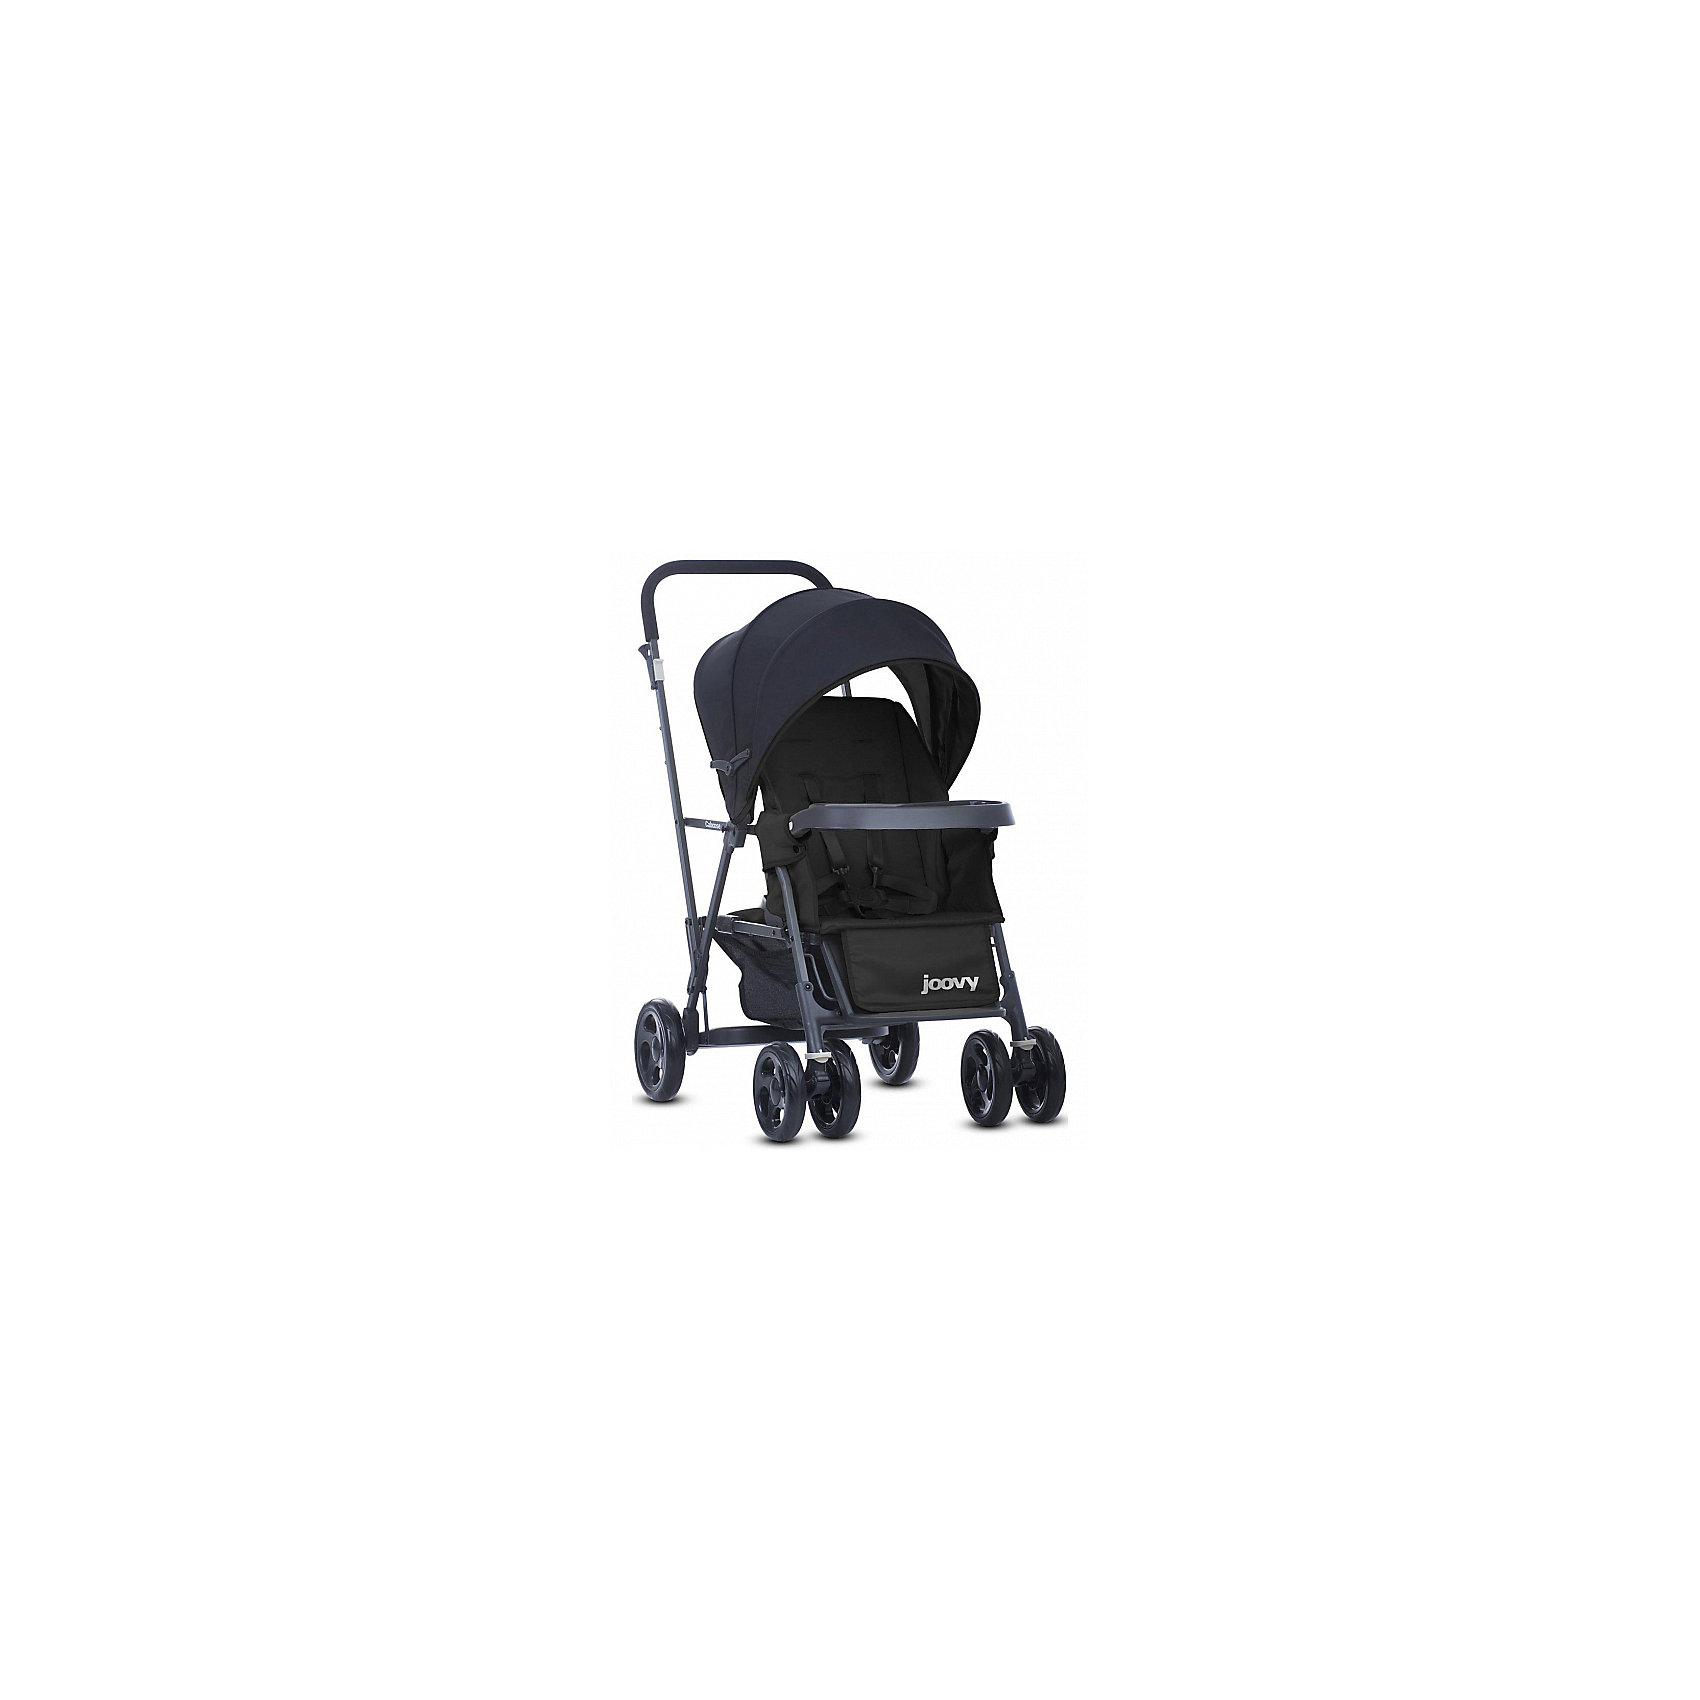 Прогулочная коляска Caboose Graphite, Joovy, черныйПрогулочные коляски<br>Joovy Caboose (Джуви Кабуз) одна из самых компактных и маневренных колясок в своей категории Коляска для двойни и погодок. Переднее сиденье предназначено для ребенка от 3 месяцев, заднее сиденье-скамеечка от 2,5 лет. Для использования коляски с двумя детьми младше 2,5 лет необходимо приобрести дополнительное сиденье. Амортизируемая подвеска на всех колесах придает коляске мягкий ход во время движения. Для старшего ребенка предусмотрена платформа для езды стоя. Идеальное распределение веса позволит вам без труда преодолевать бордюры и с комфортом совершать прогулки по городу. С помощью универсального адаптера, входящего в комплектацию, на переднее сиденье можно установить любое автокресло 0+.<br><br>Ширина мм: 500<br>Глубина мм: 260<br>Высота мм: 900<br>Вес г: 13500<br>Возраст от месяцев: 0<br>Возраст до месяцев: 36<br>Пол: Унисекс<br>Возраст: Детский<br>SKU: 6887315